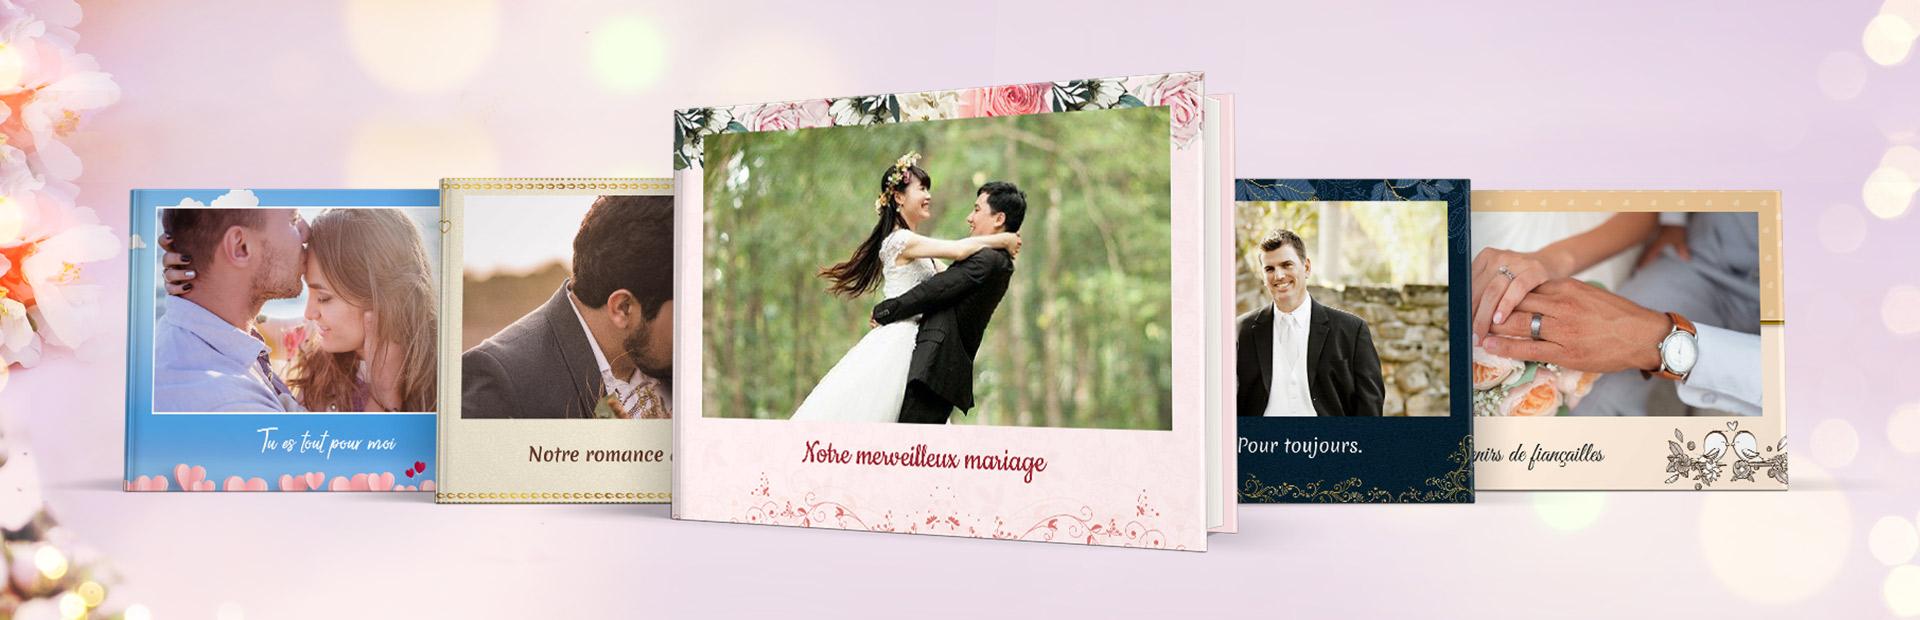 Thèmes de livre photo spécial mariage